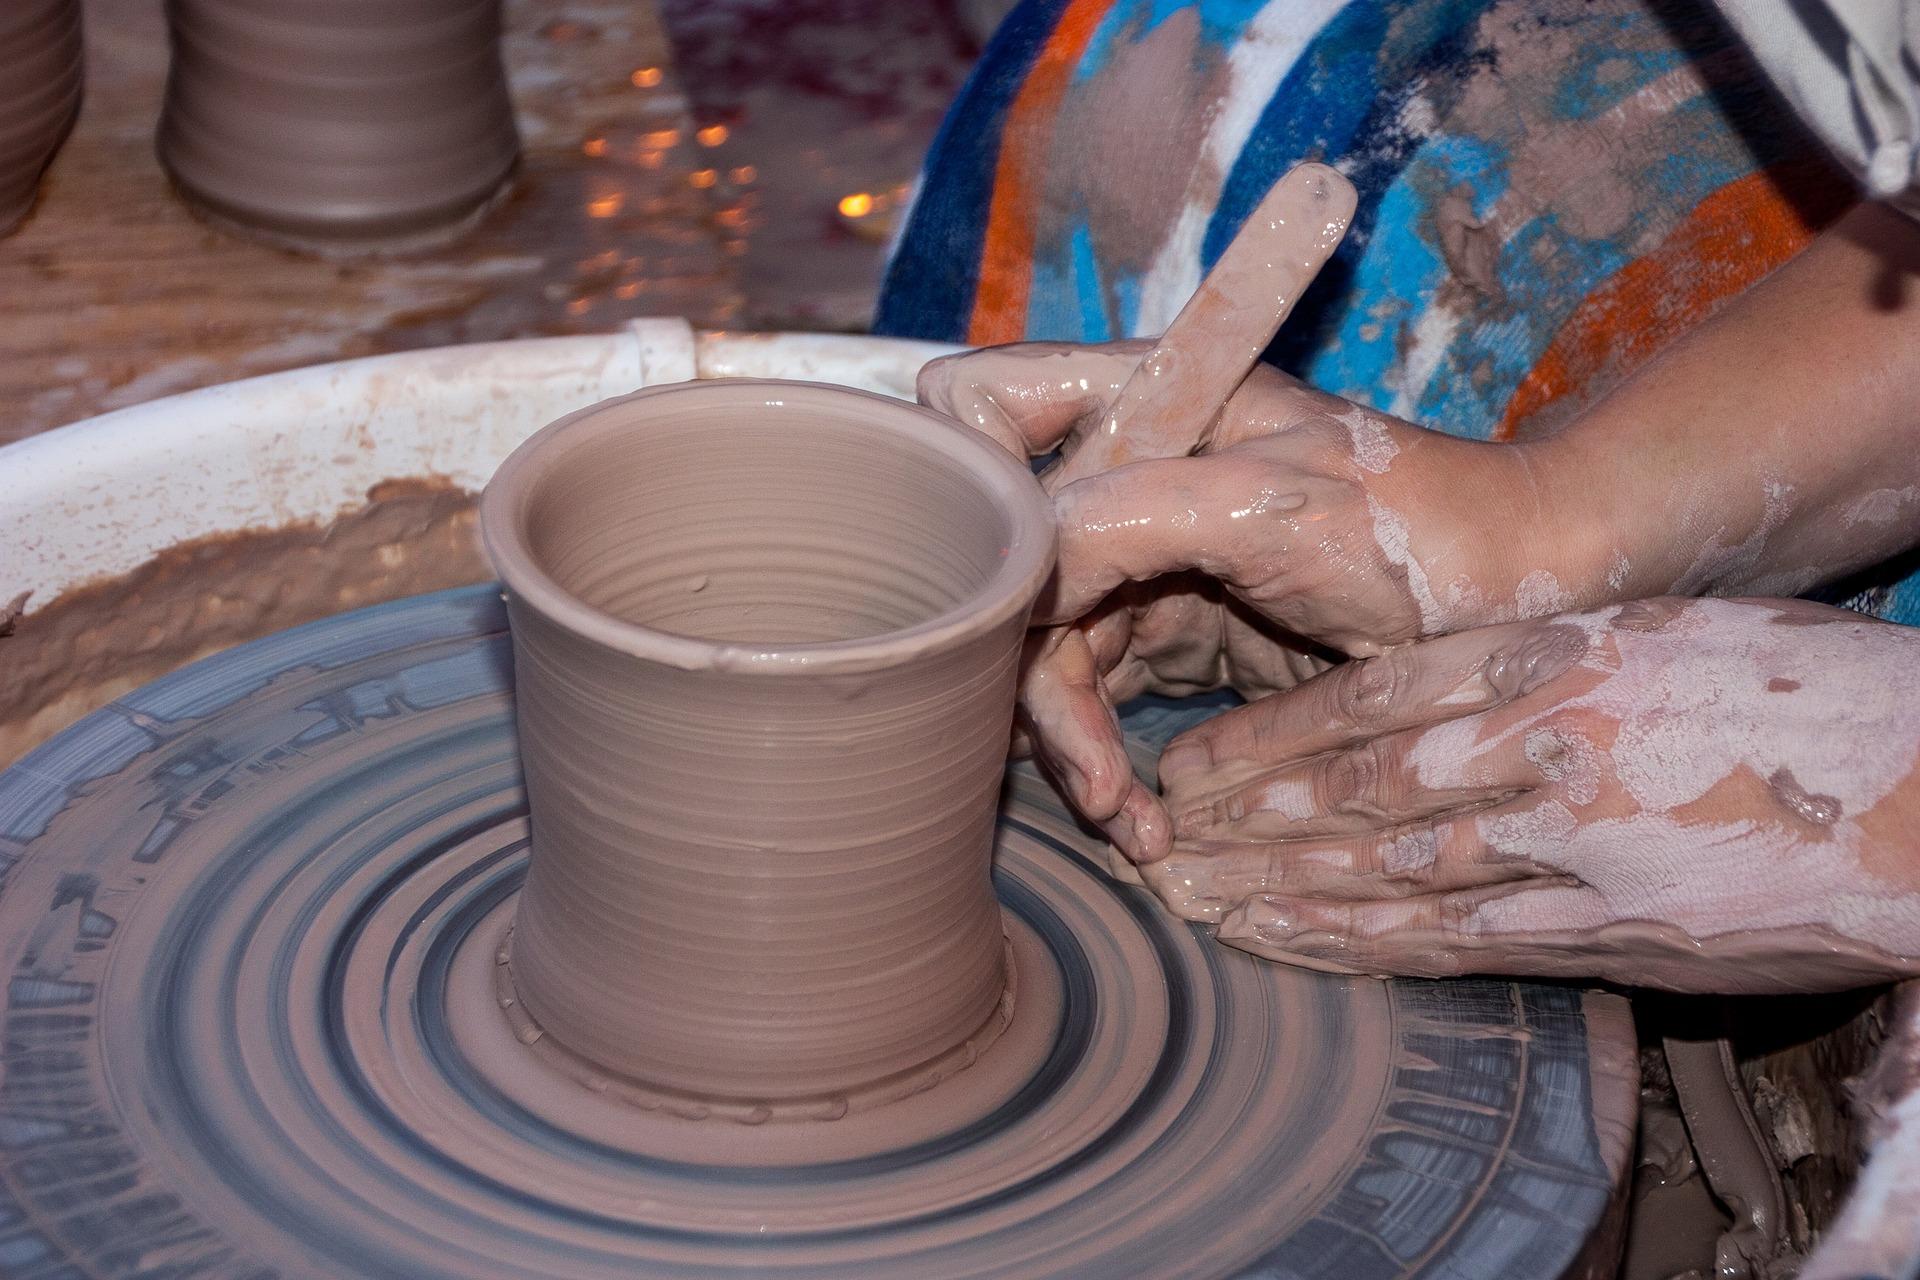 Mode de fabrication de la céramique